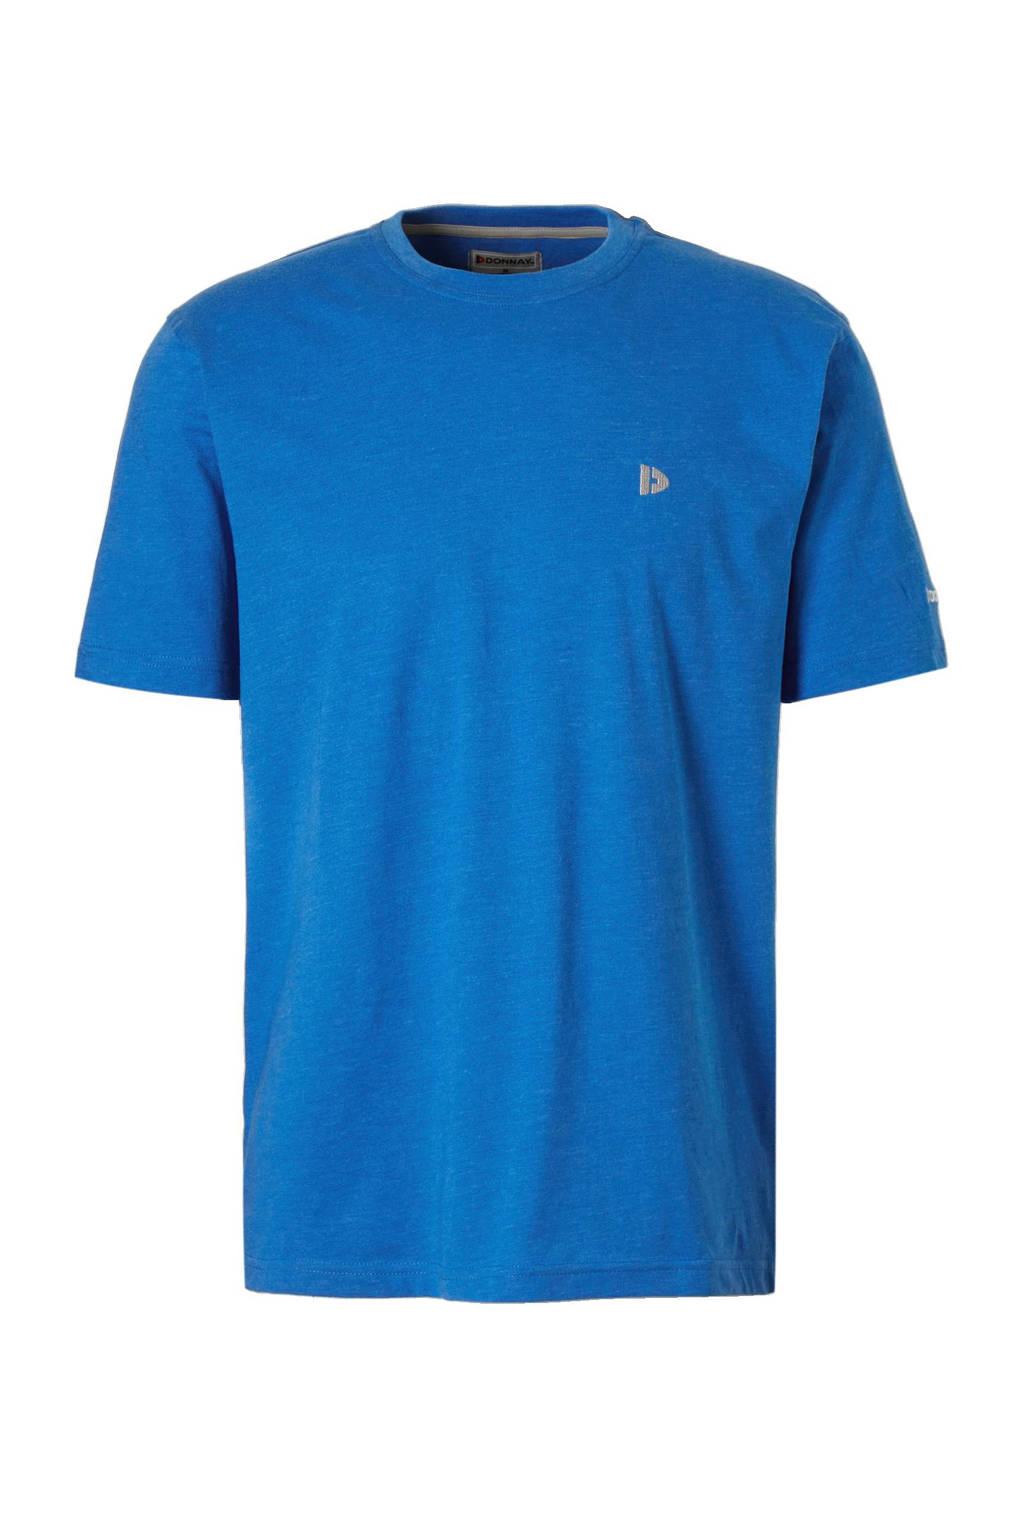 Donnay sport T-shirt hard blauw gemeleerd, Hard Blauw Gemeleerd